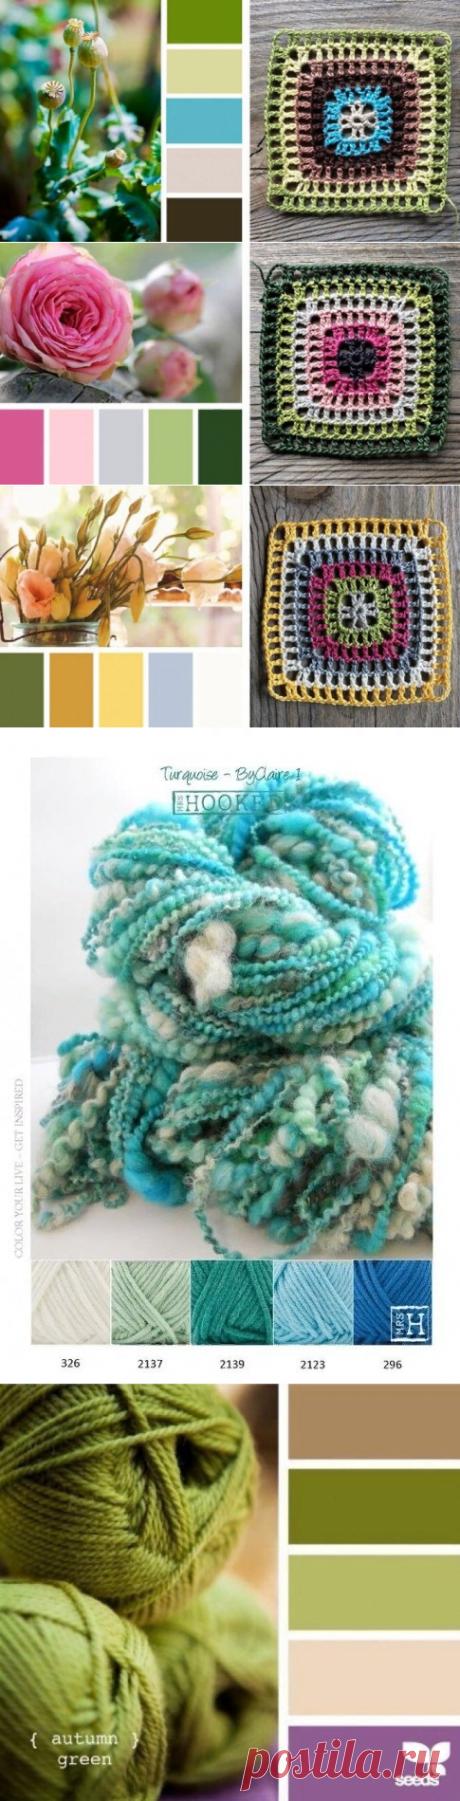 Эффектные цветовые сочетания для Ваших вязаных изделий   Ирина Буланова   Яндекс Дзен